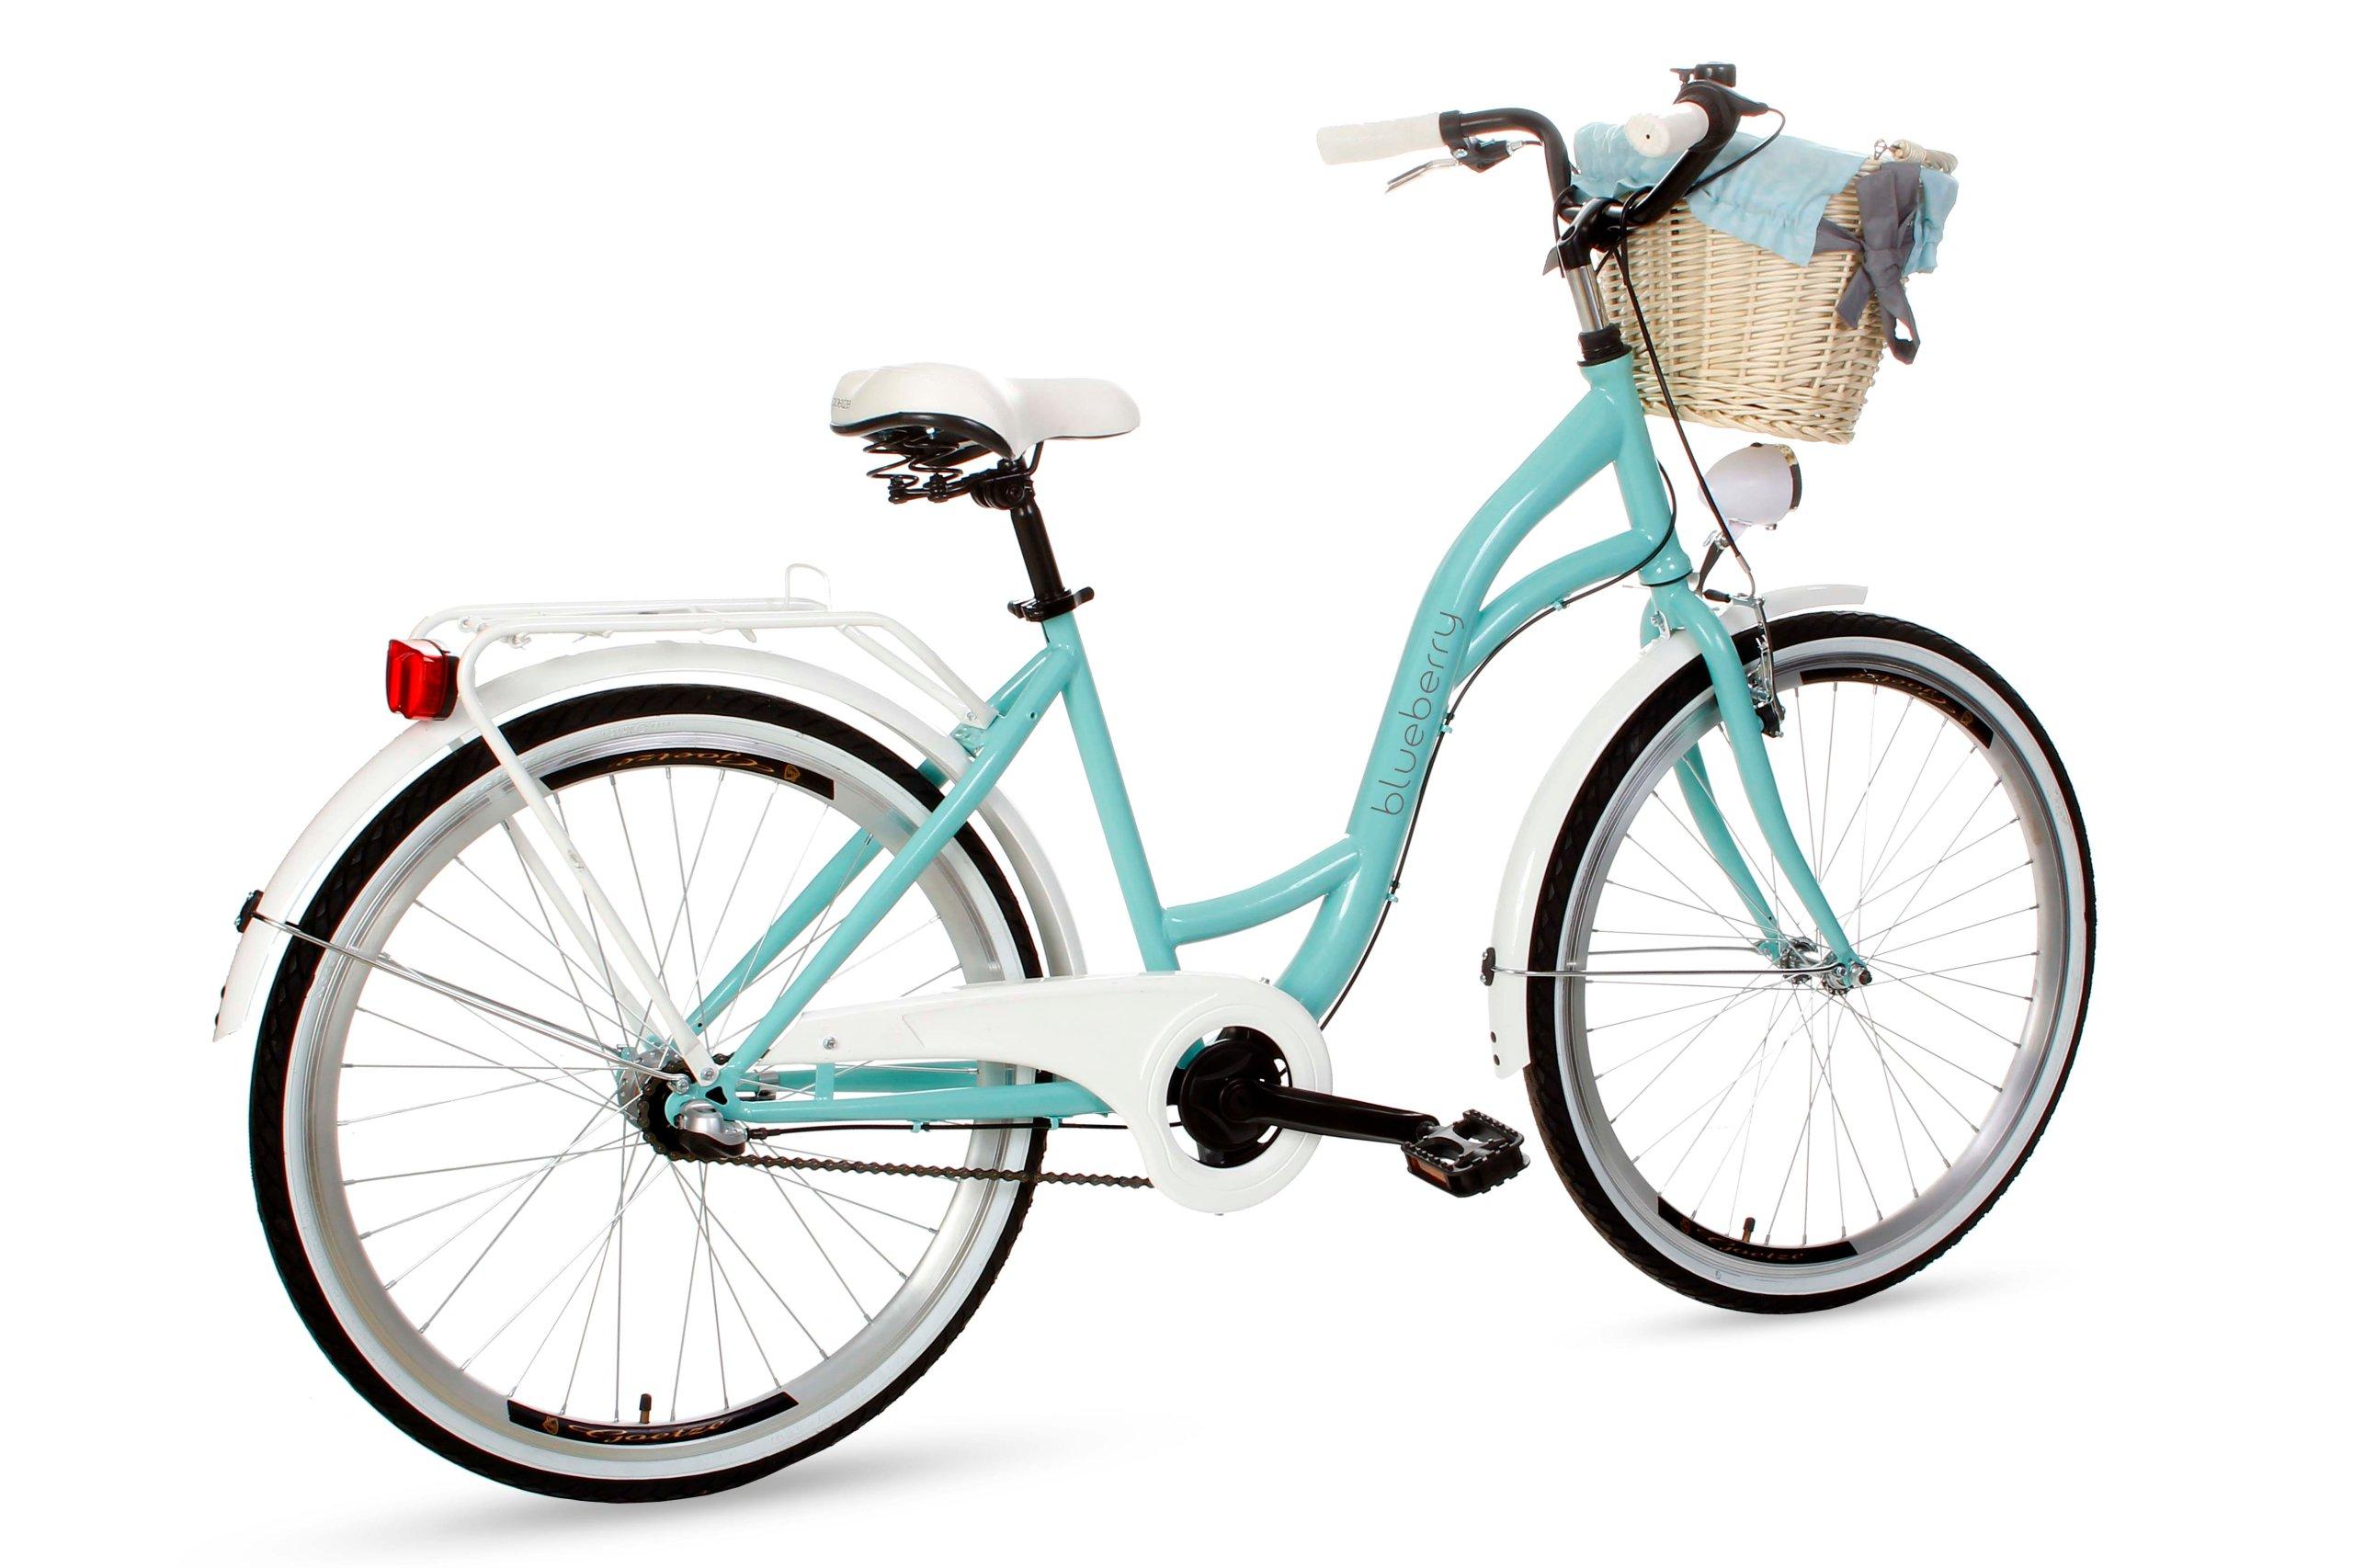 Dámsky mestský bicykel Goetze BLUEBERRY 26 3b košík!  Čučoriedkový model